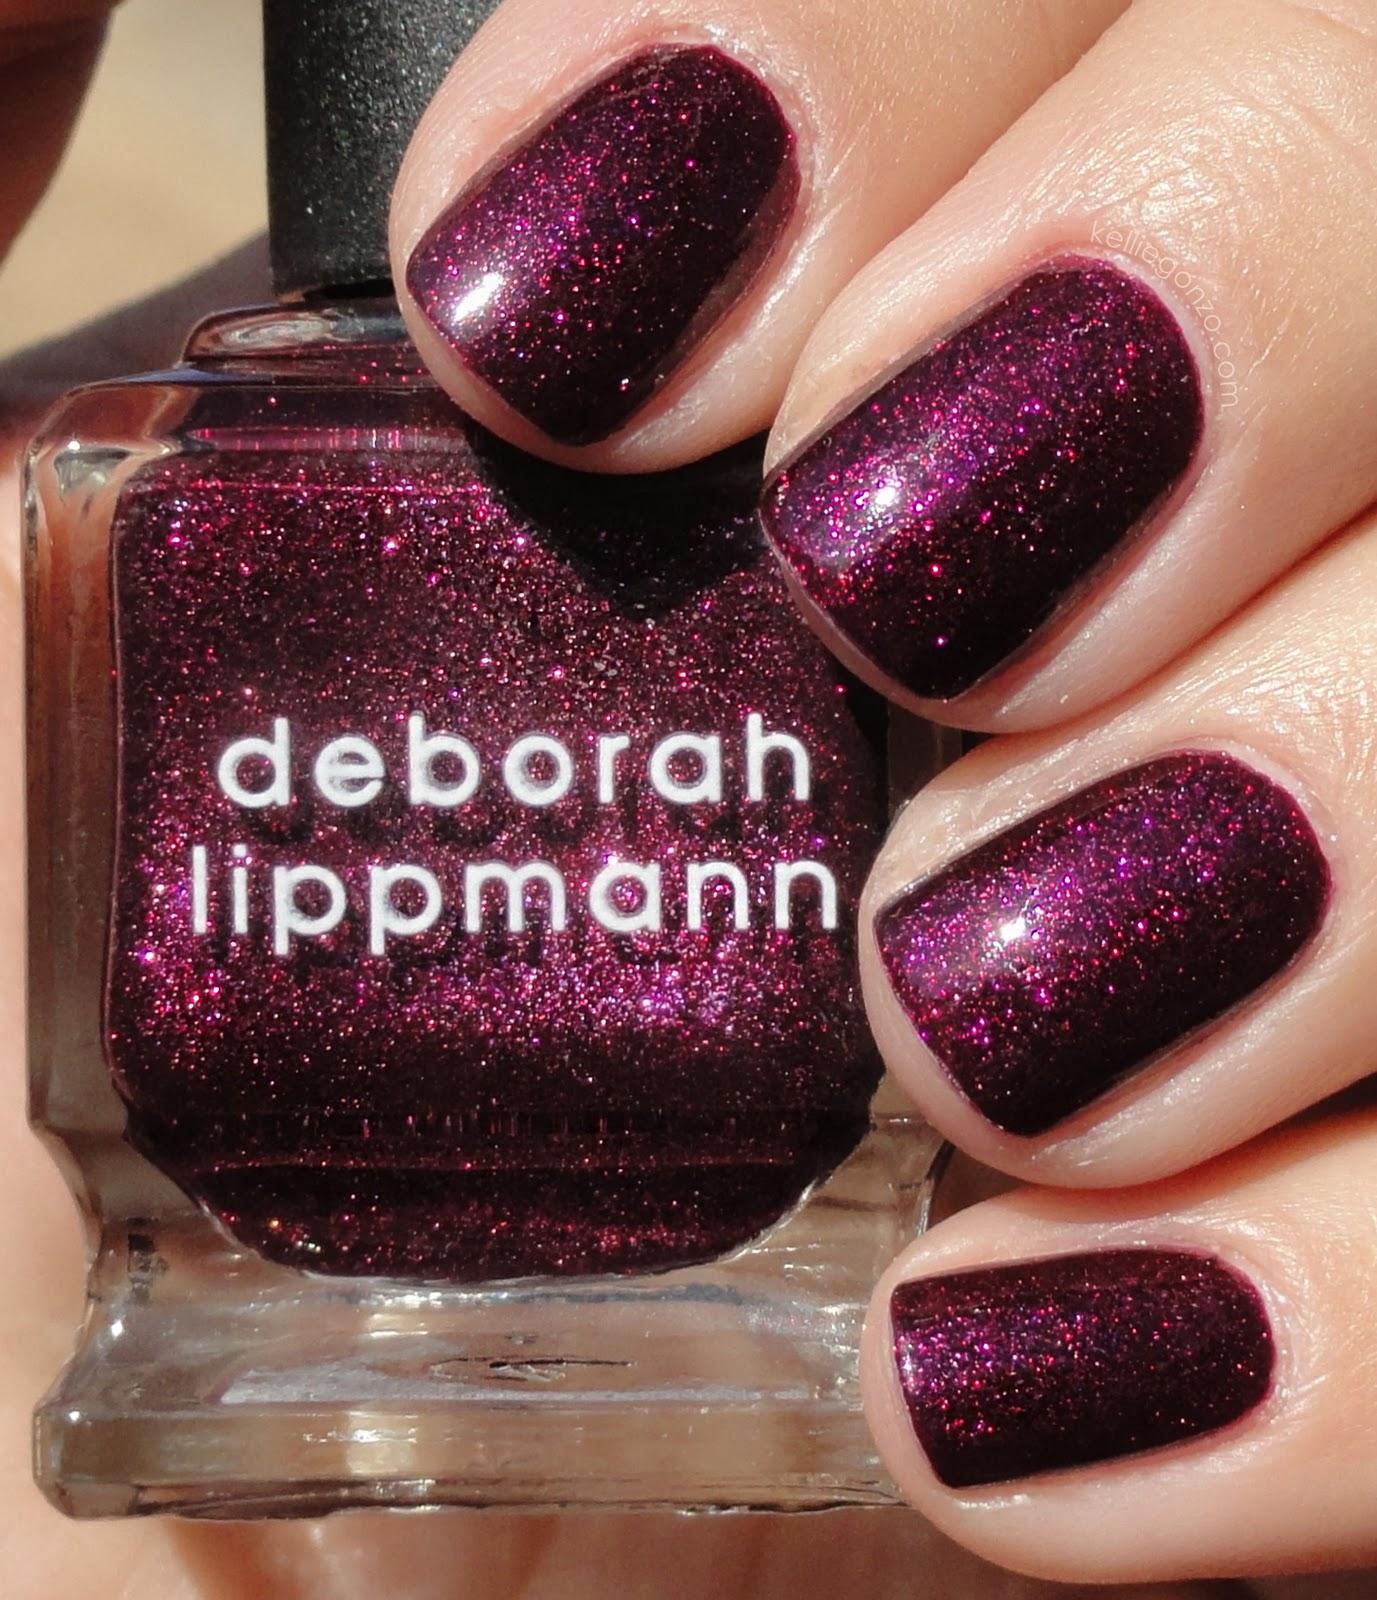 Manicure by Deborah Lippmann